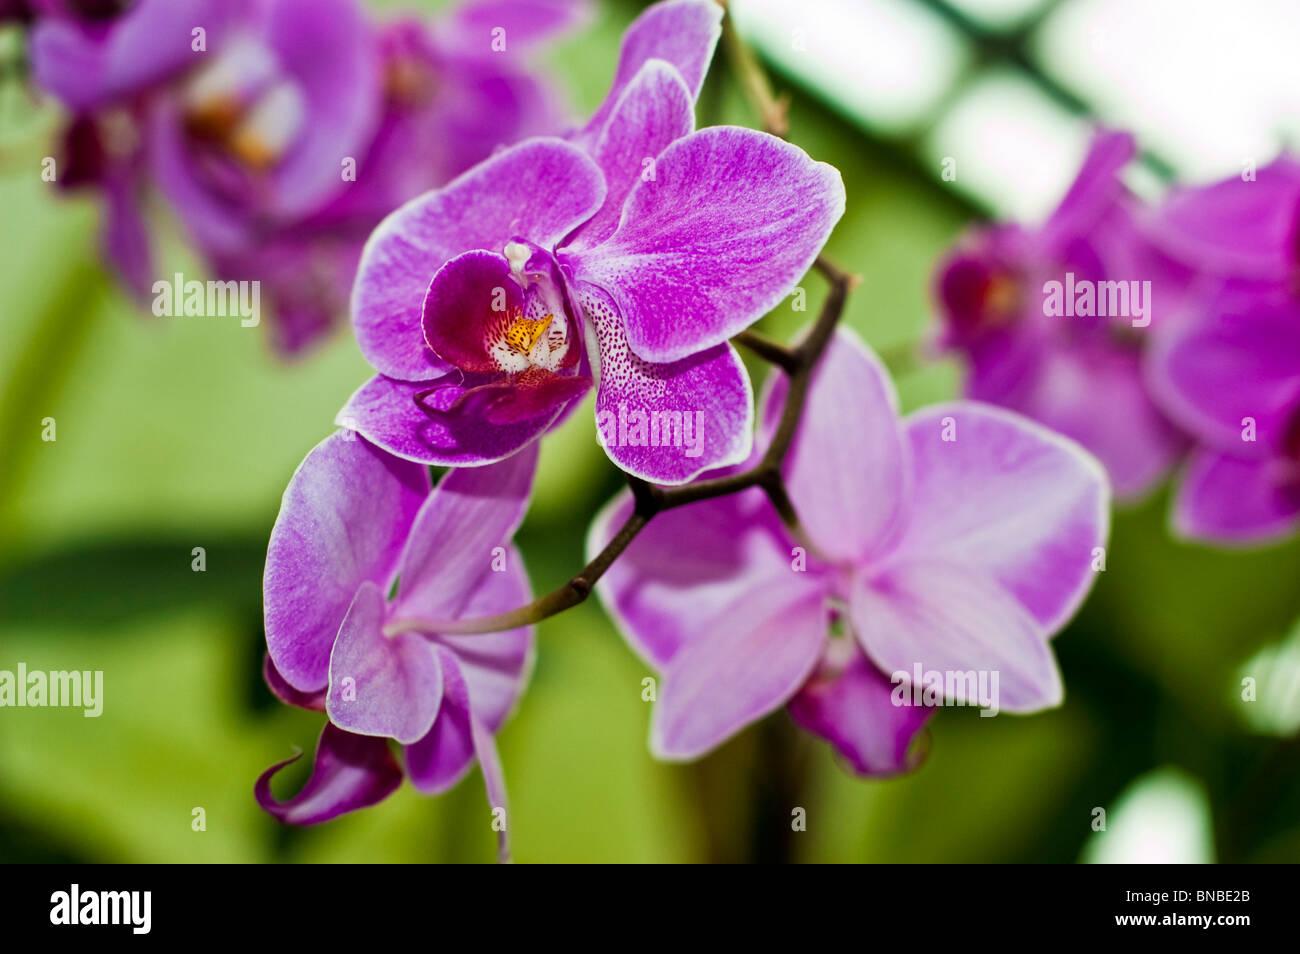 Rosa violeta flores de orquídeas Phalenopsis Joyau Suzanne X Carmela's Pixie Bedford Foto de stock